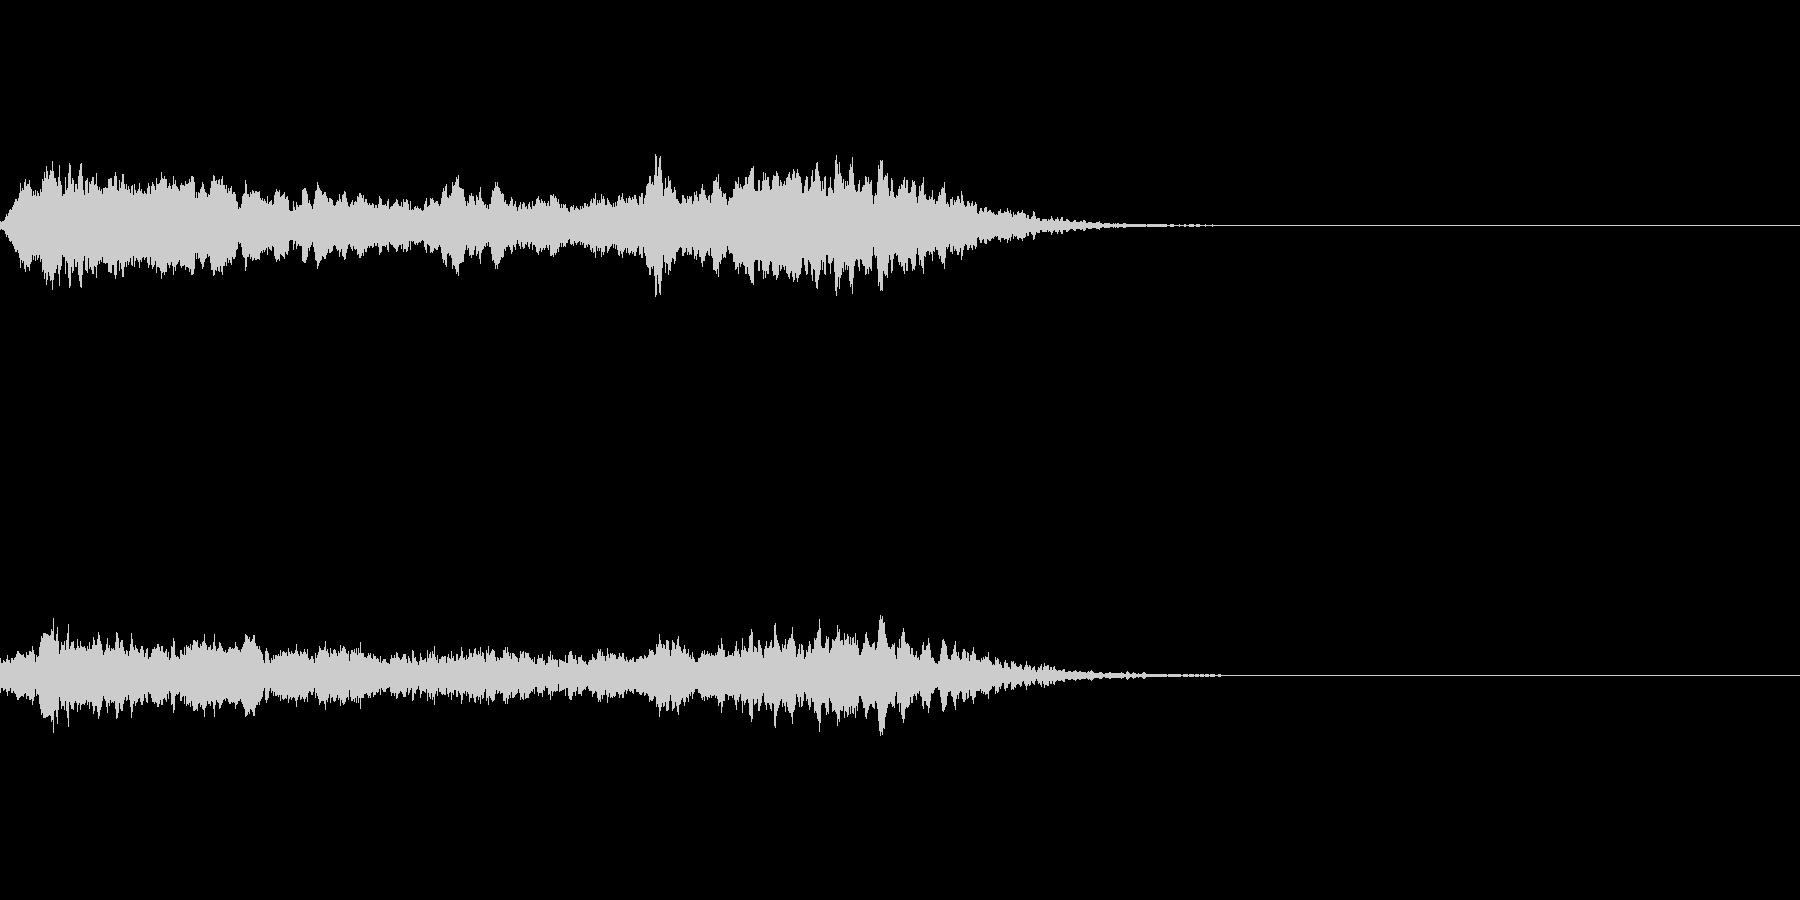 ブ〜ン!蜂ハチや昆虫が飛ぶ鳴く効果音03の未再生の波形